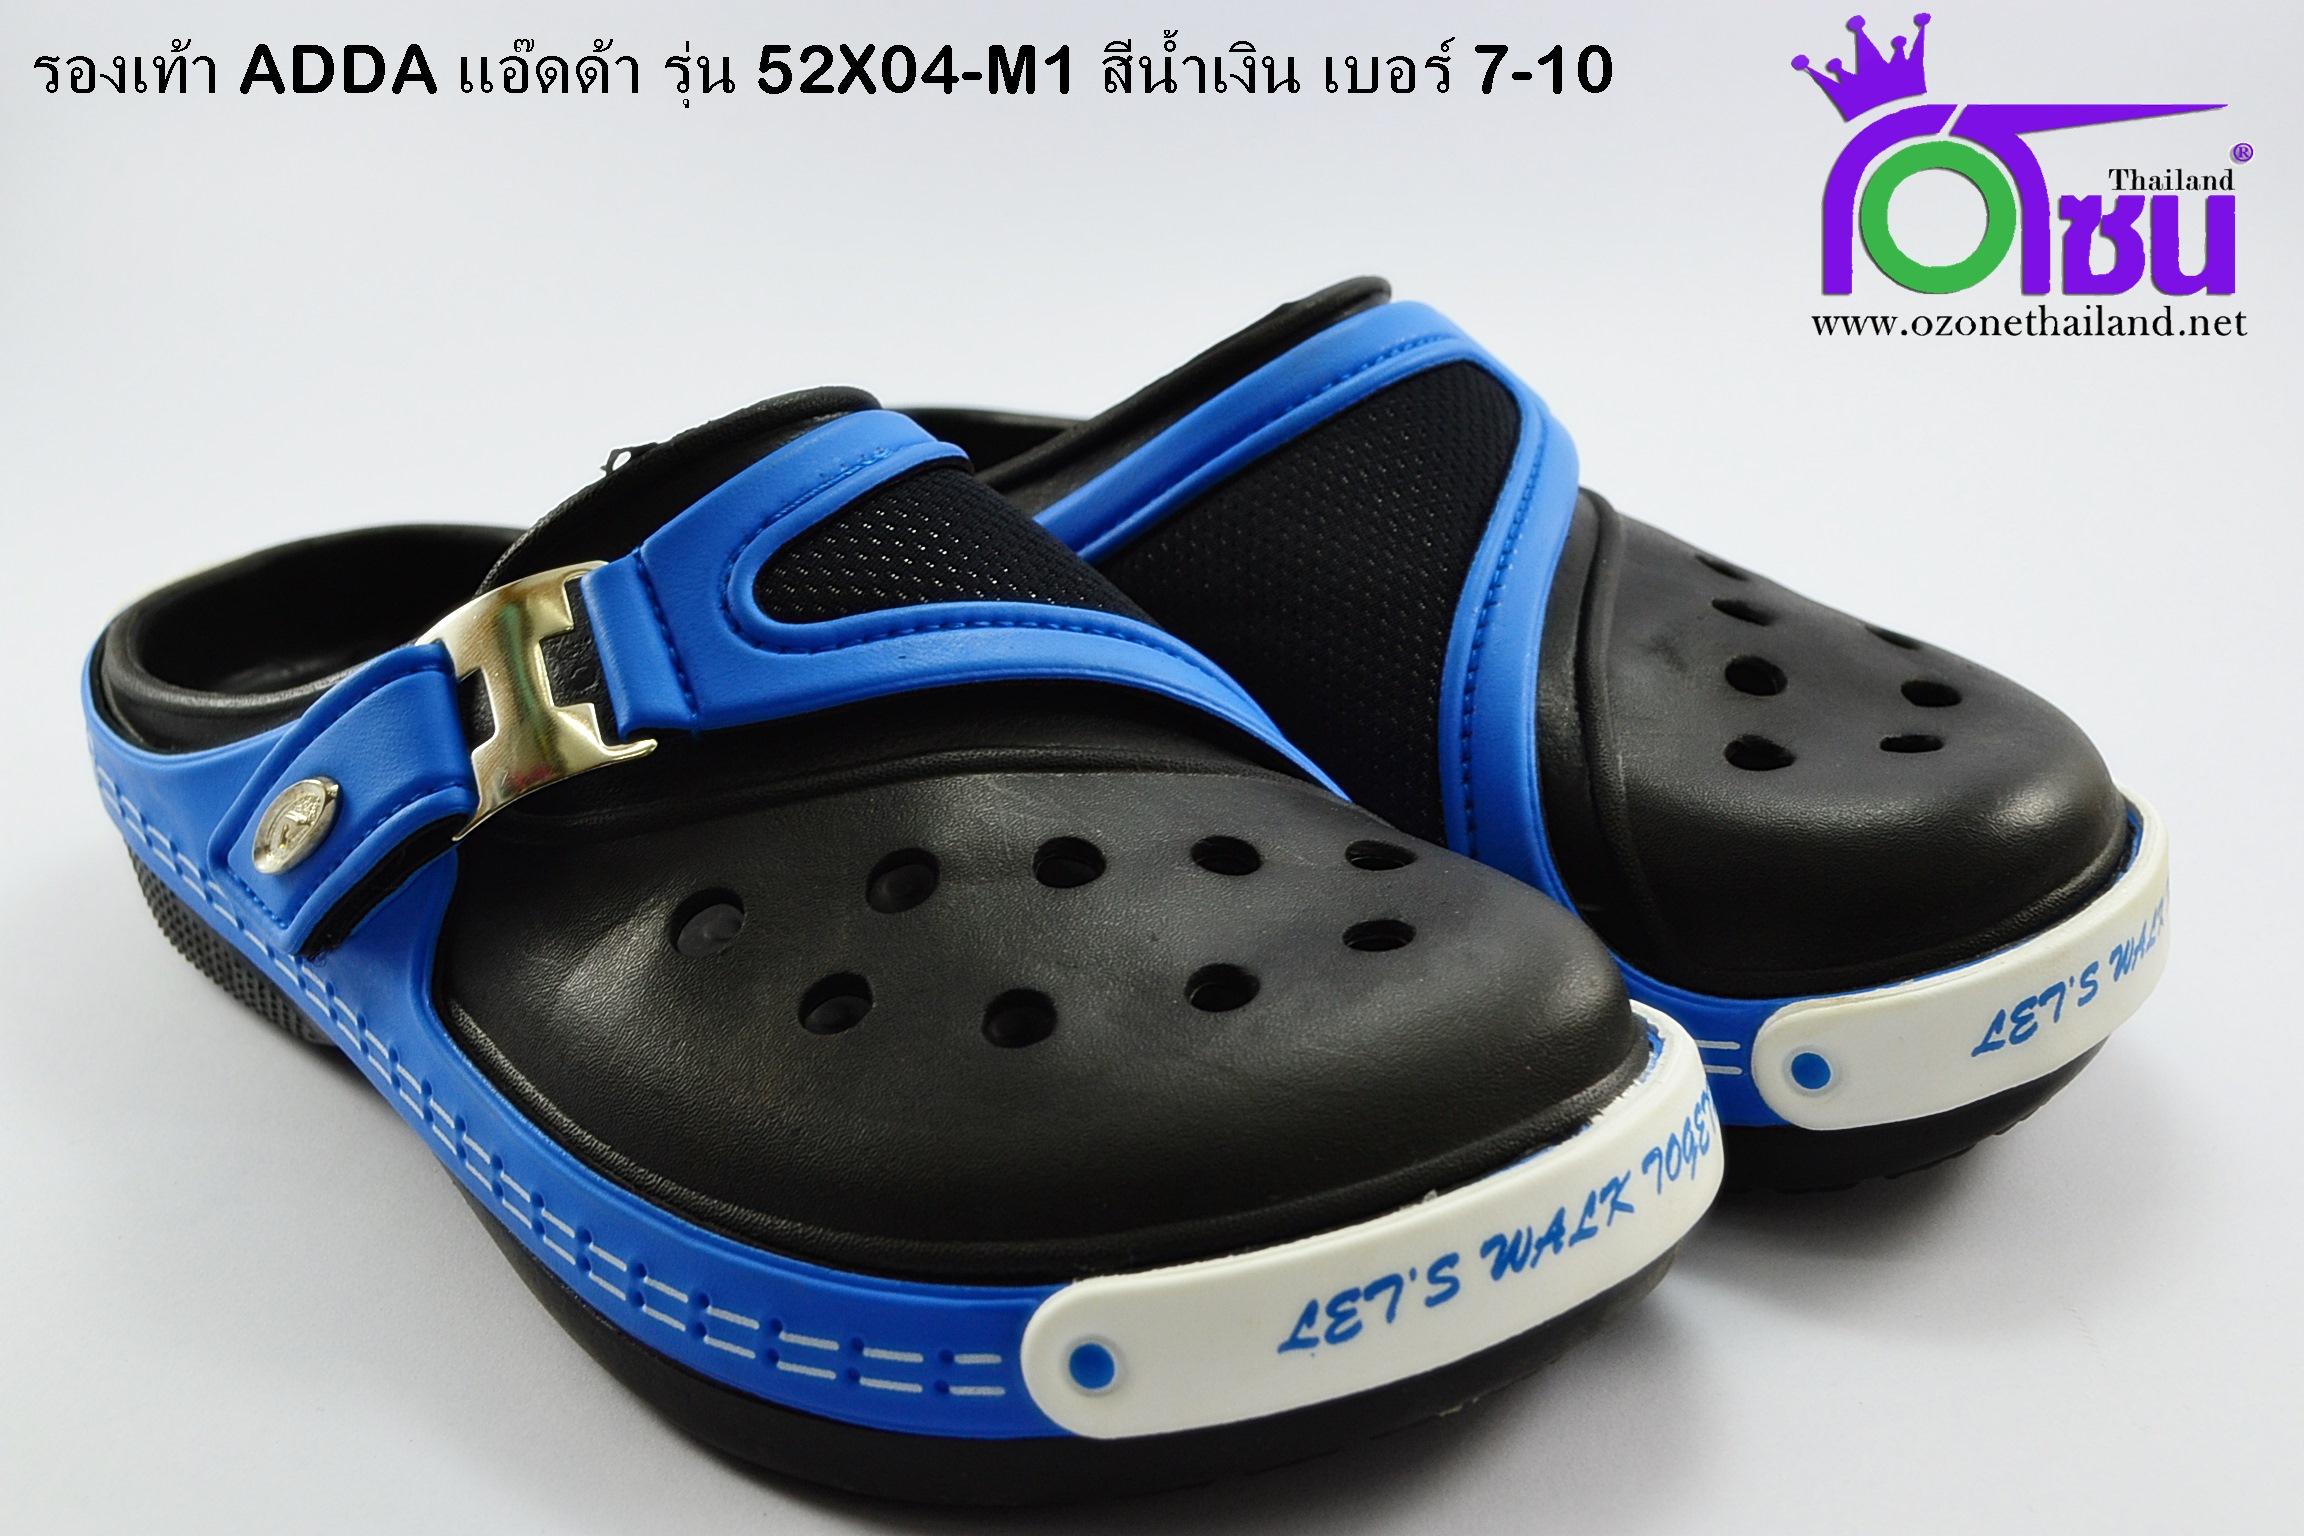 รองเท้า ADDA แอ๊ดด้า รุ่น 52X04-M1 สีน้ำเงิน สำเนา